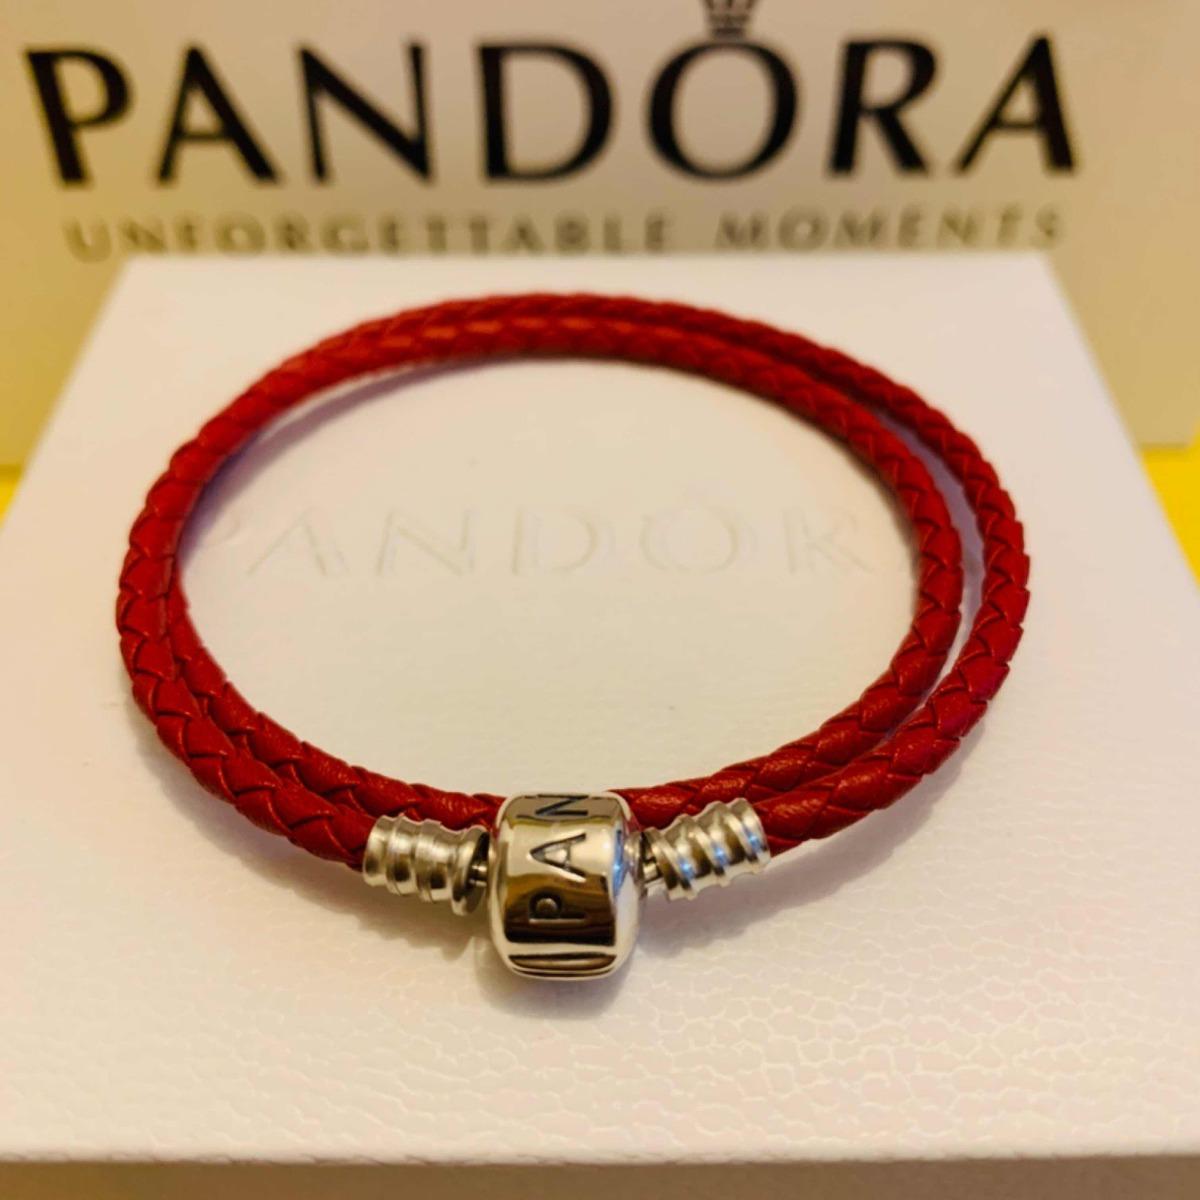 665efa9fe3c4 Joyería Pandora Original Pulsera Cuero Rojo Para Charms